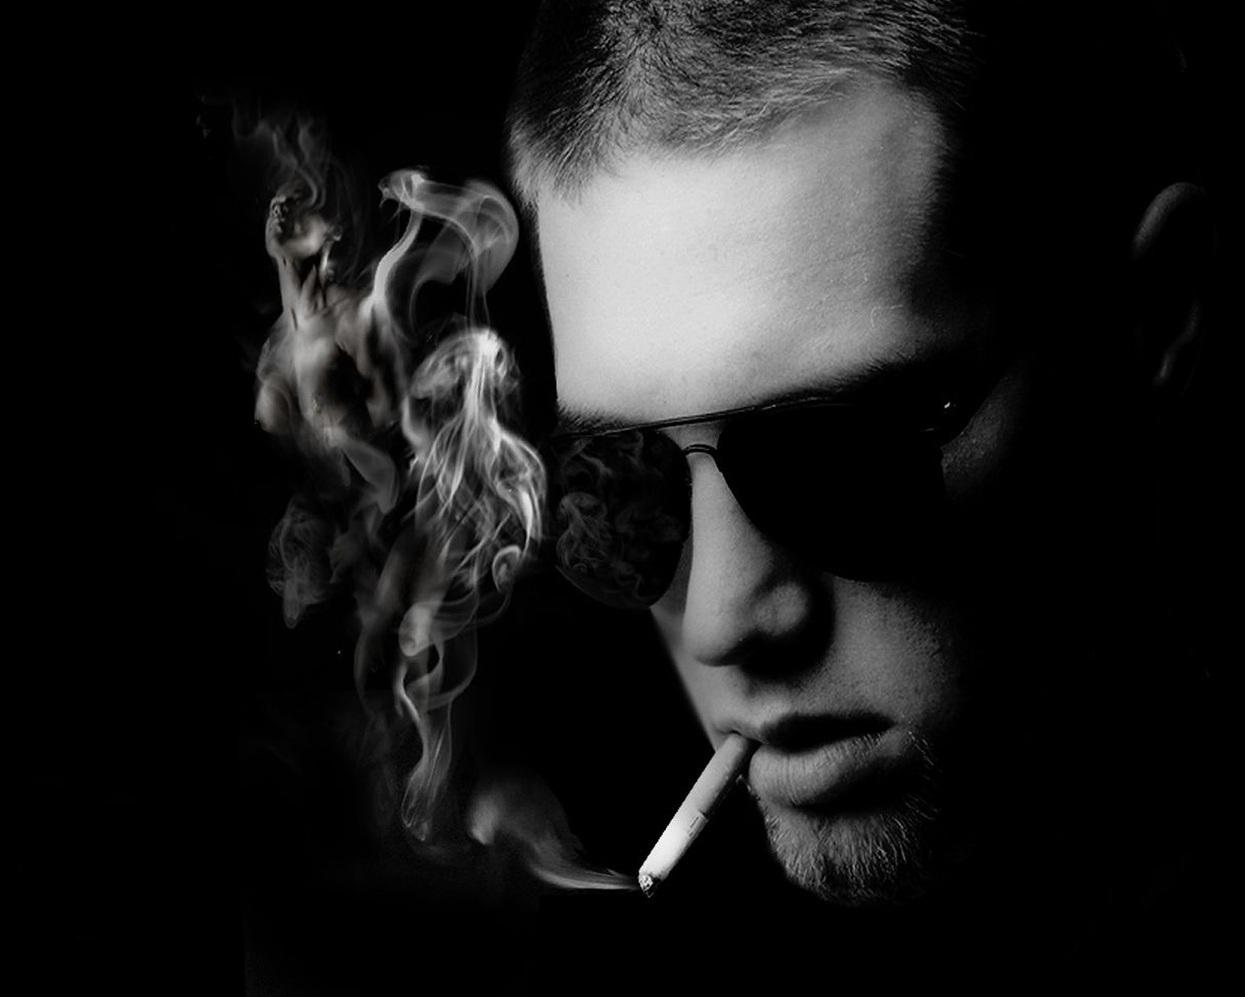 картинки с сигаретами со смыслом пасха, все